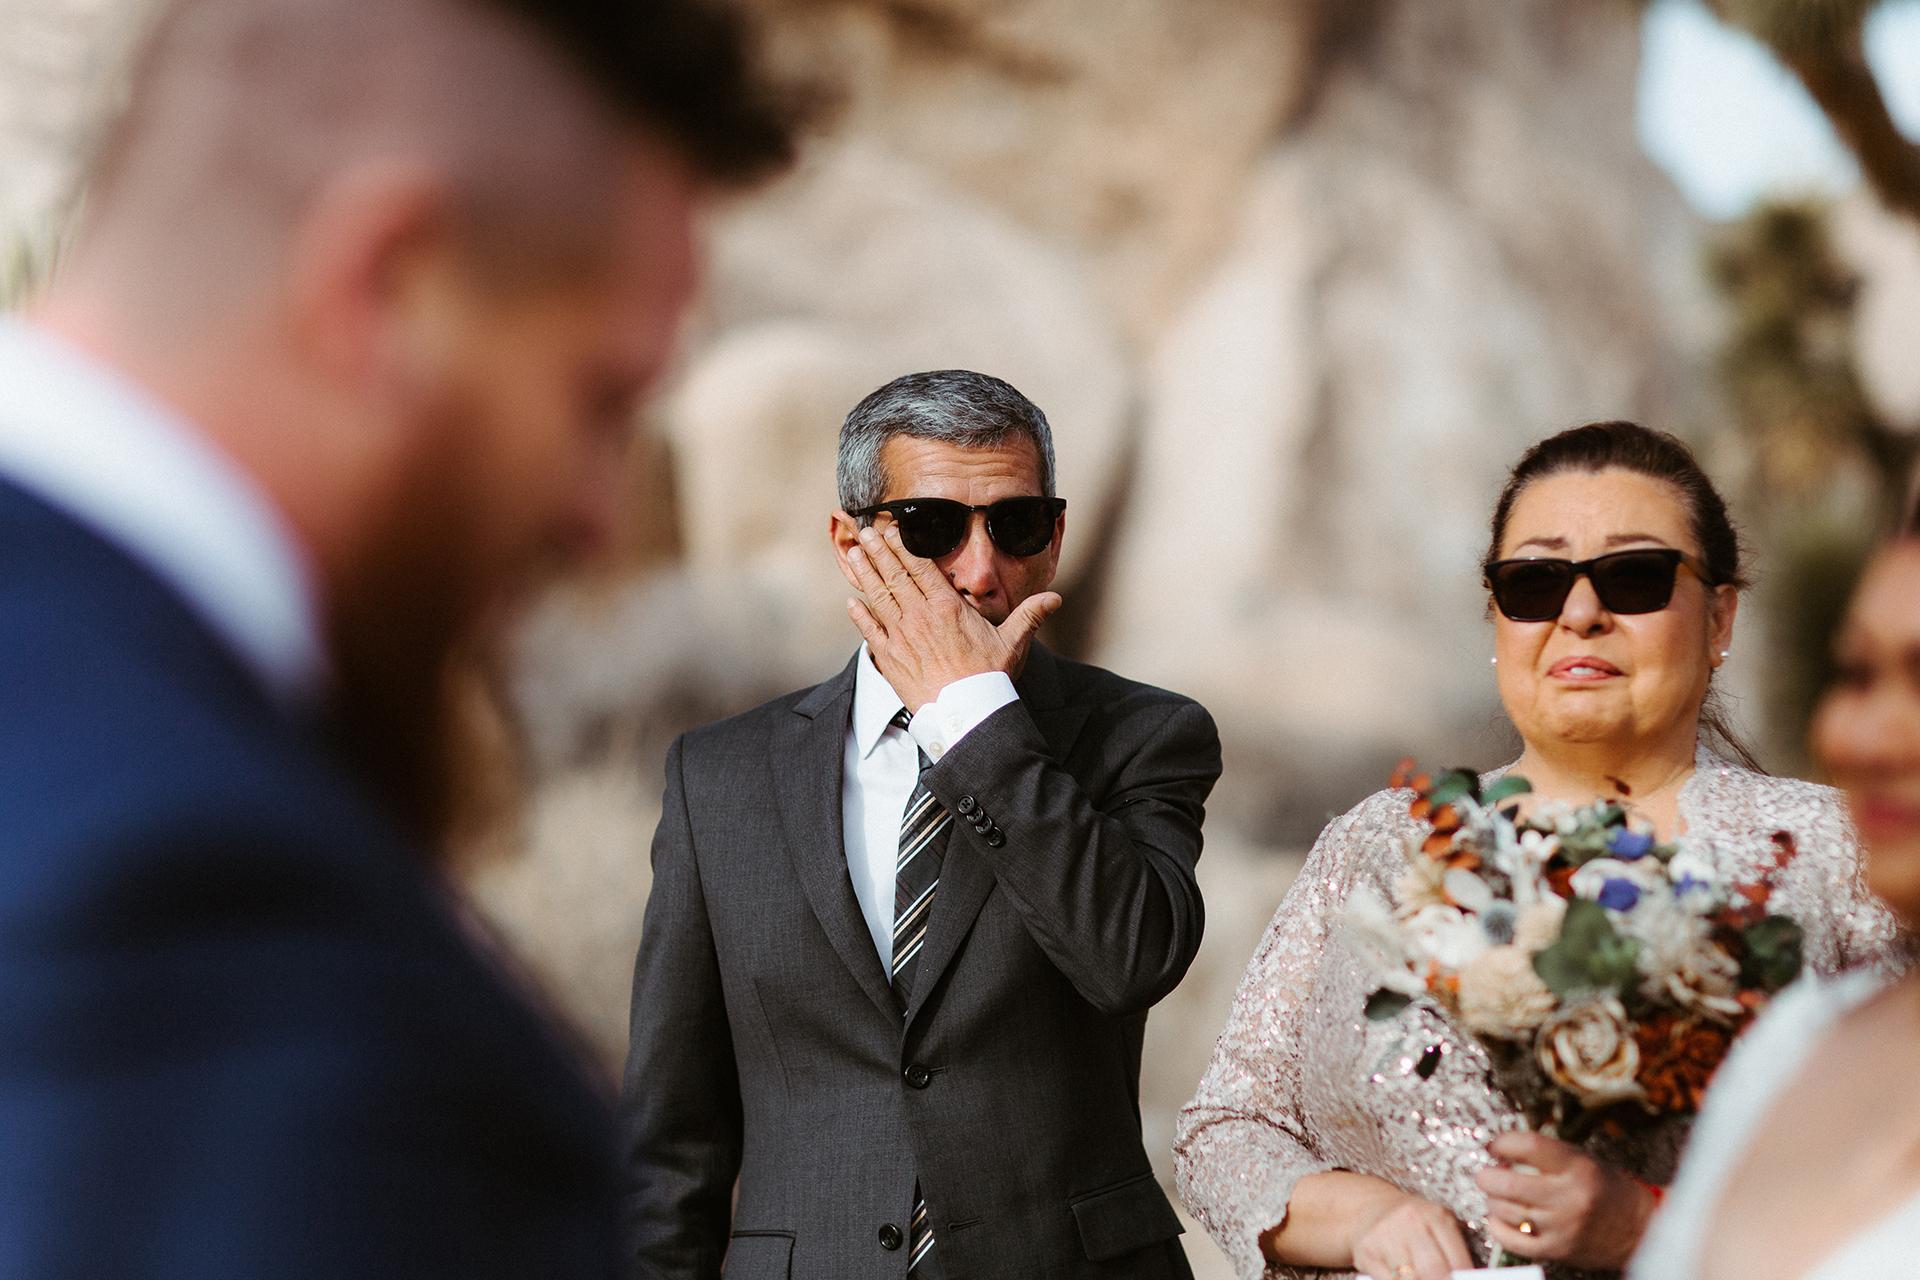 Joshua Tree, Californie photographie d'élopement | Ce fut une période très émouvante pour le marié ... et le père de la mariée également.